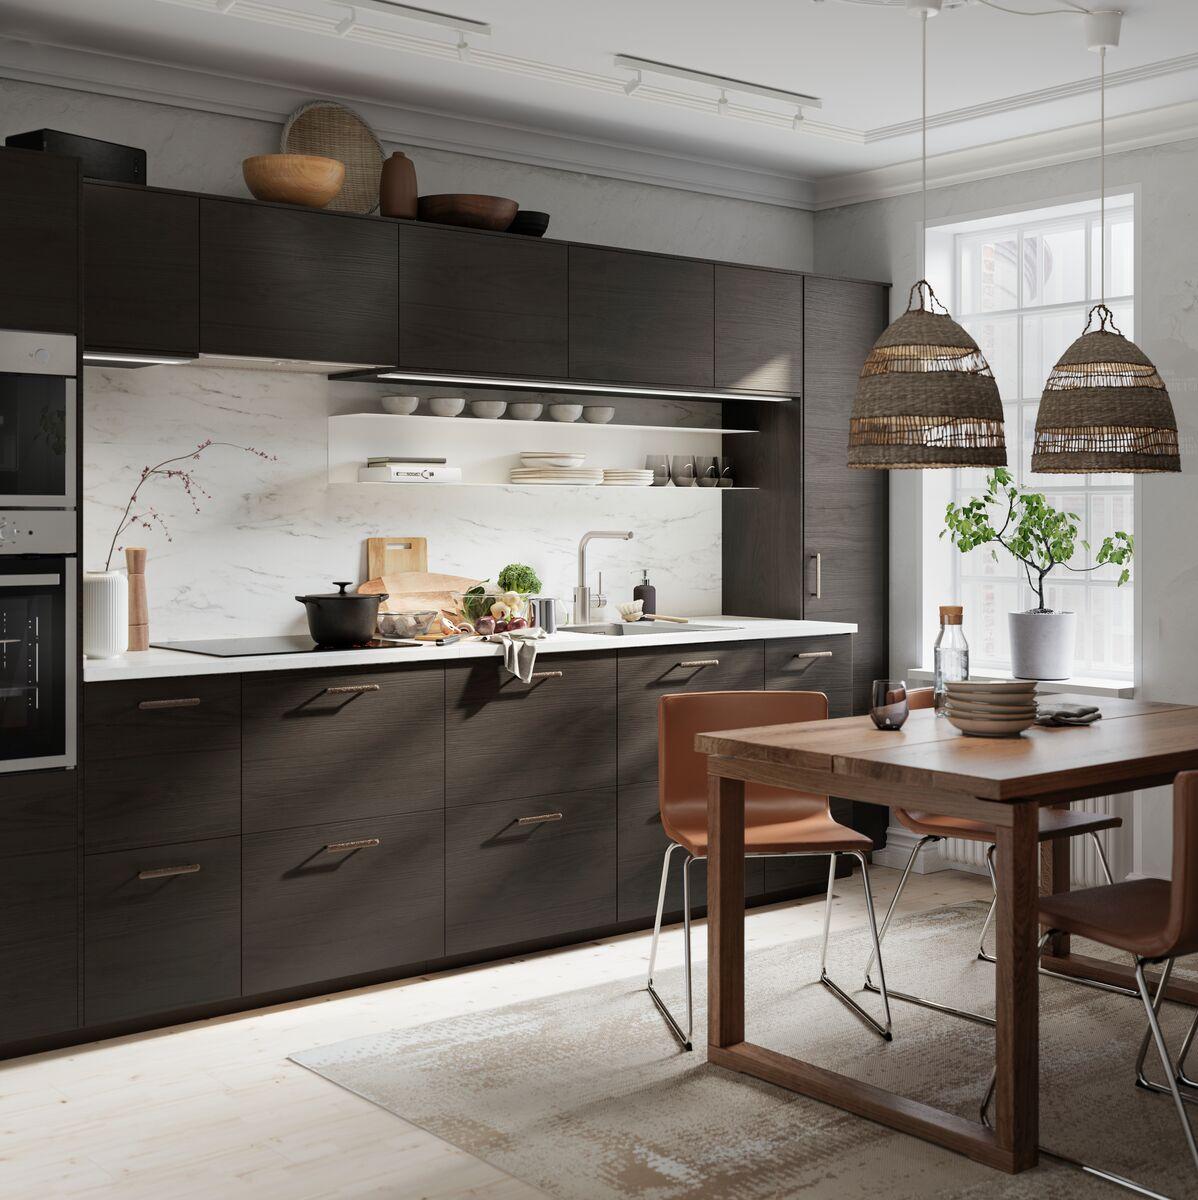 VÅRSTA kök i rostfritt stål med med köksö och mörkblåa vägglampor.